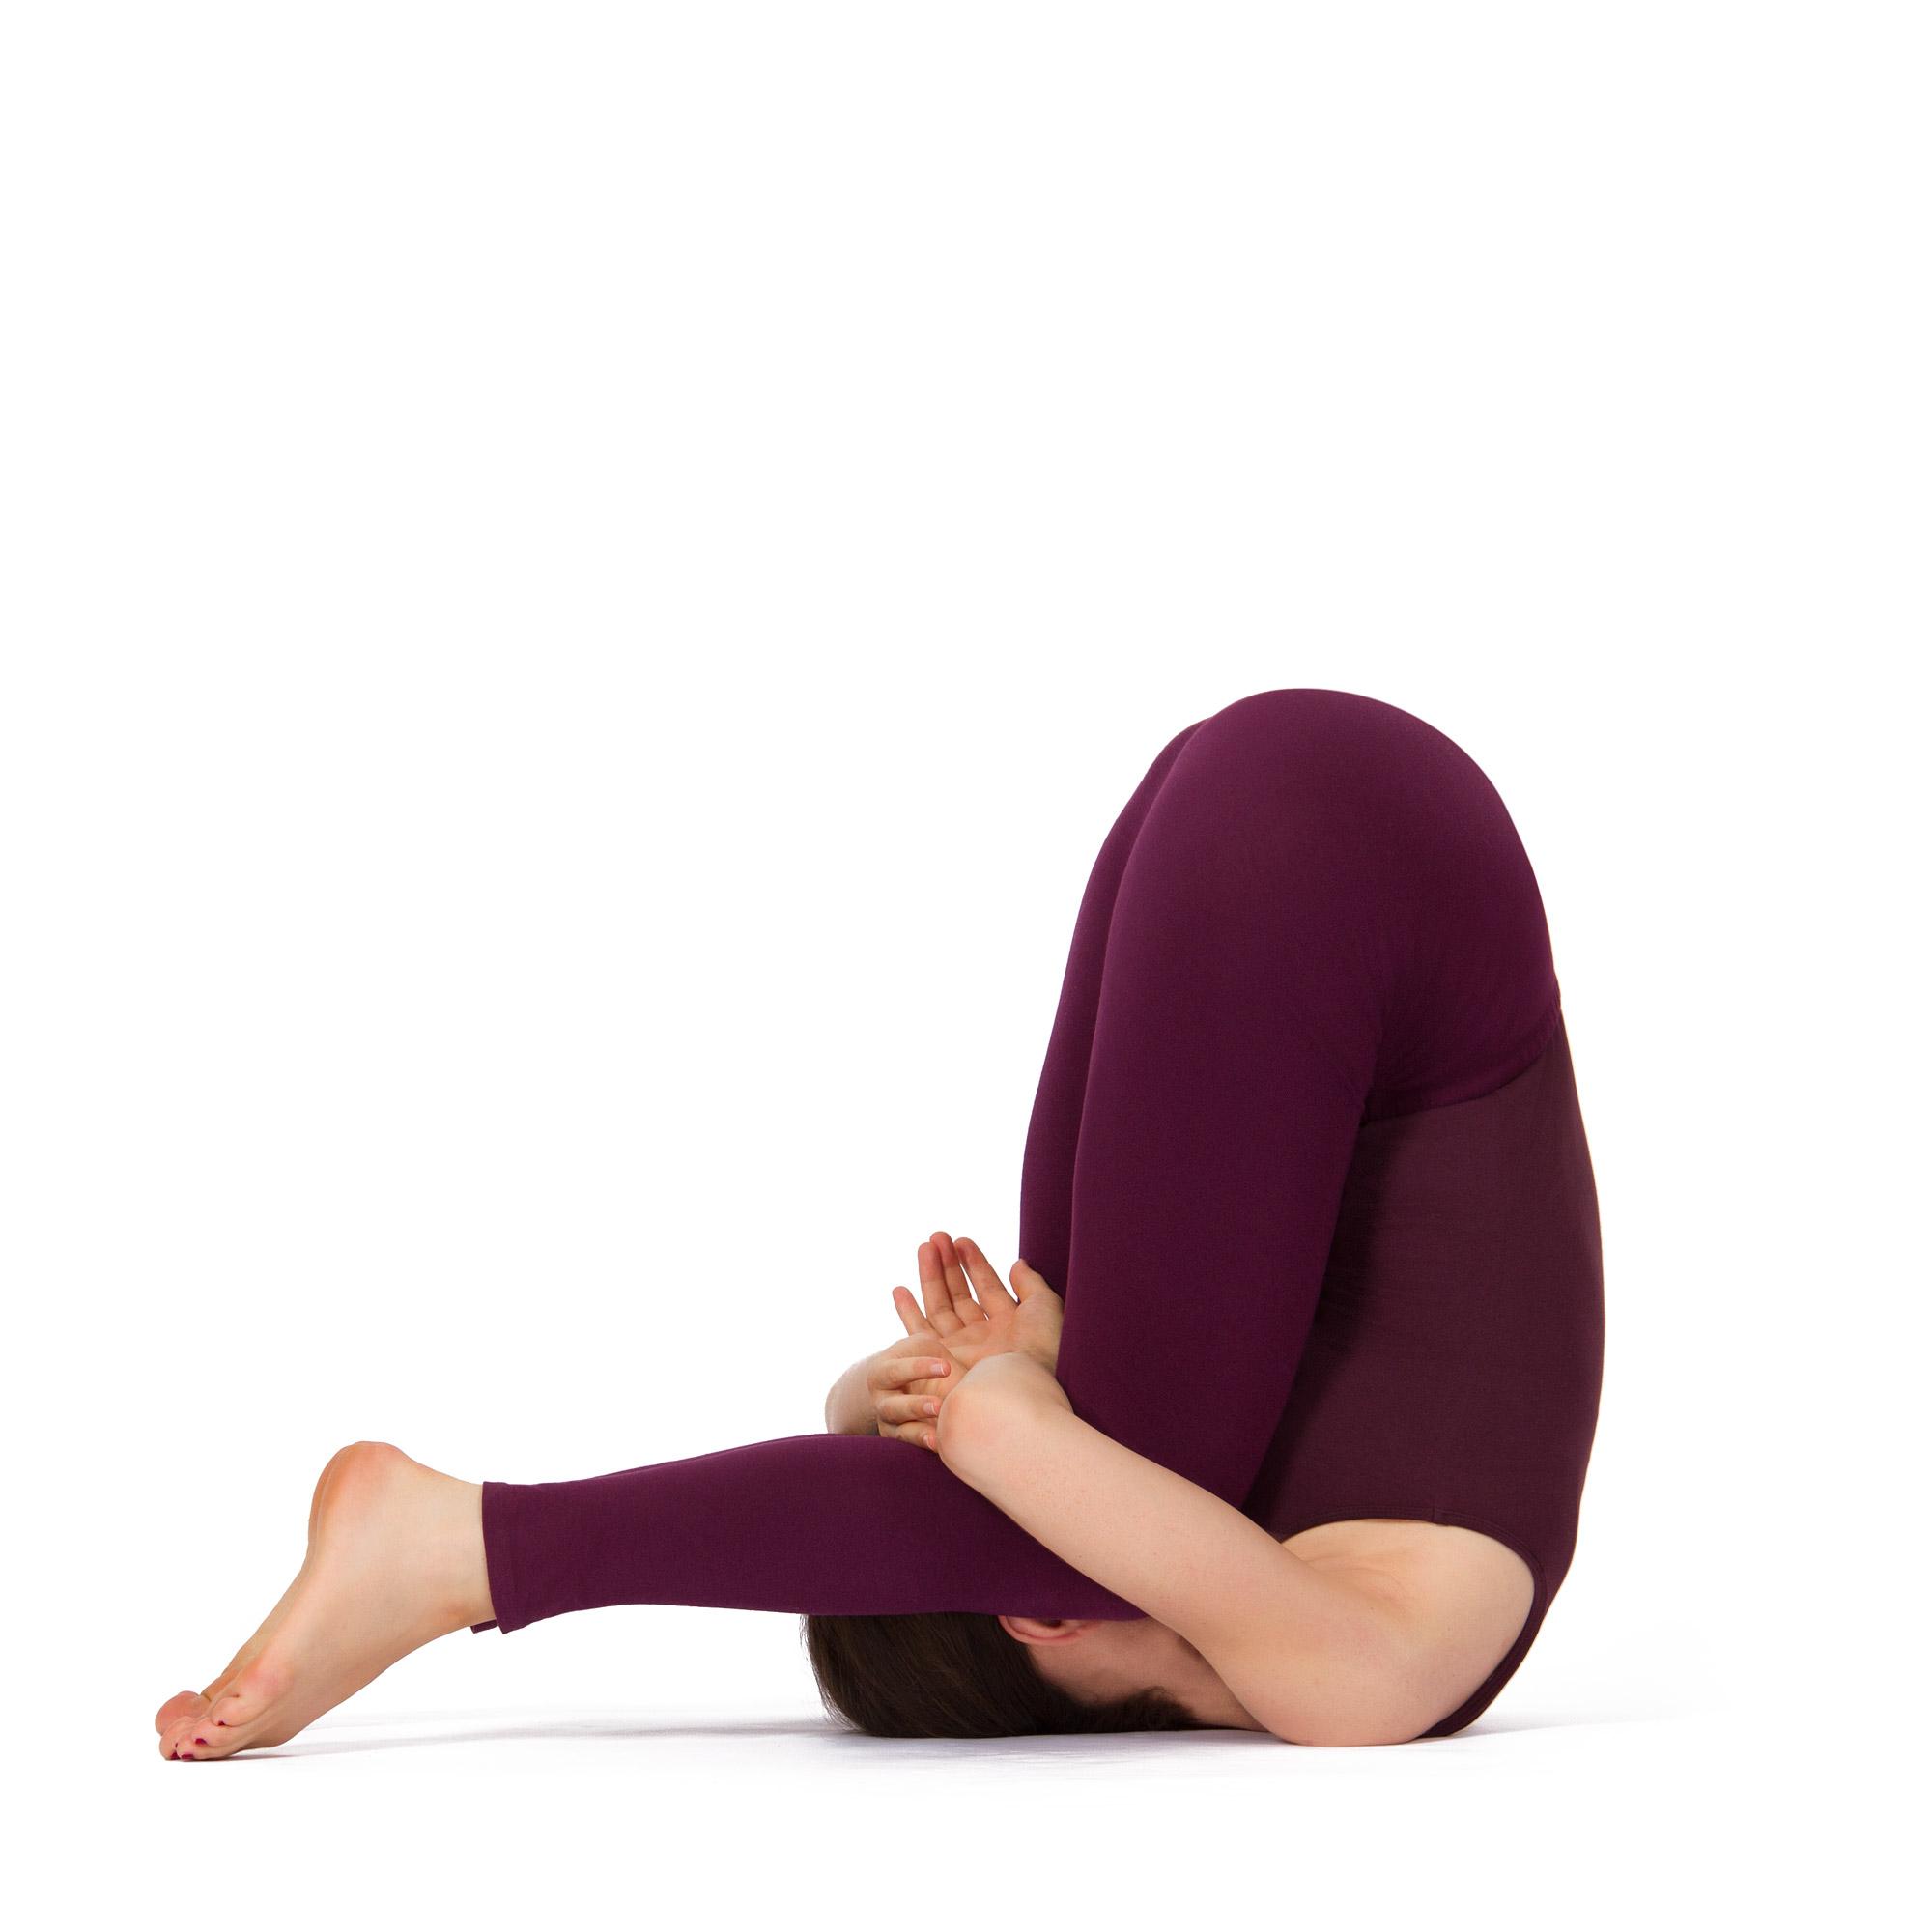 Йога Для Похудение Рук. 10 лучших йога поз для быстрой потери веса